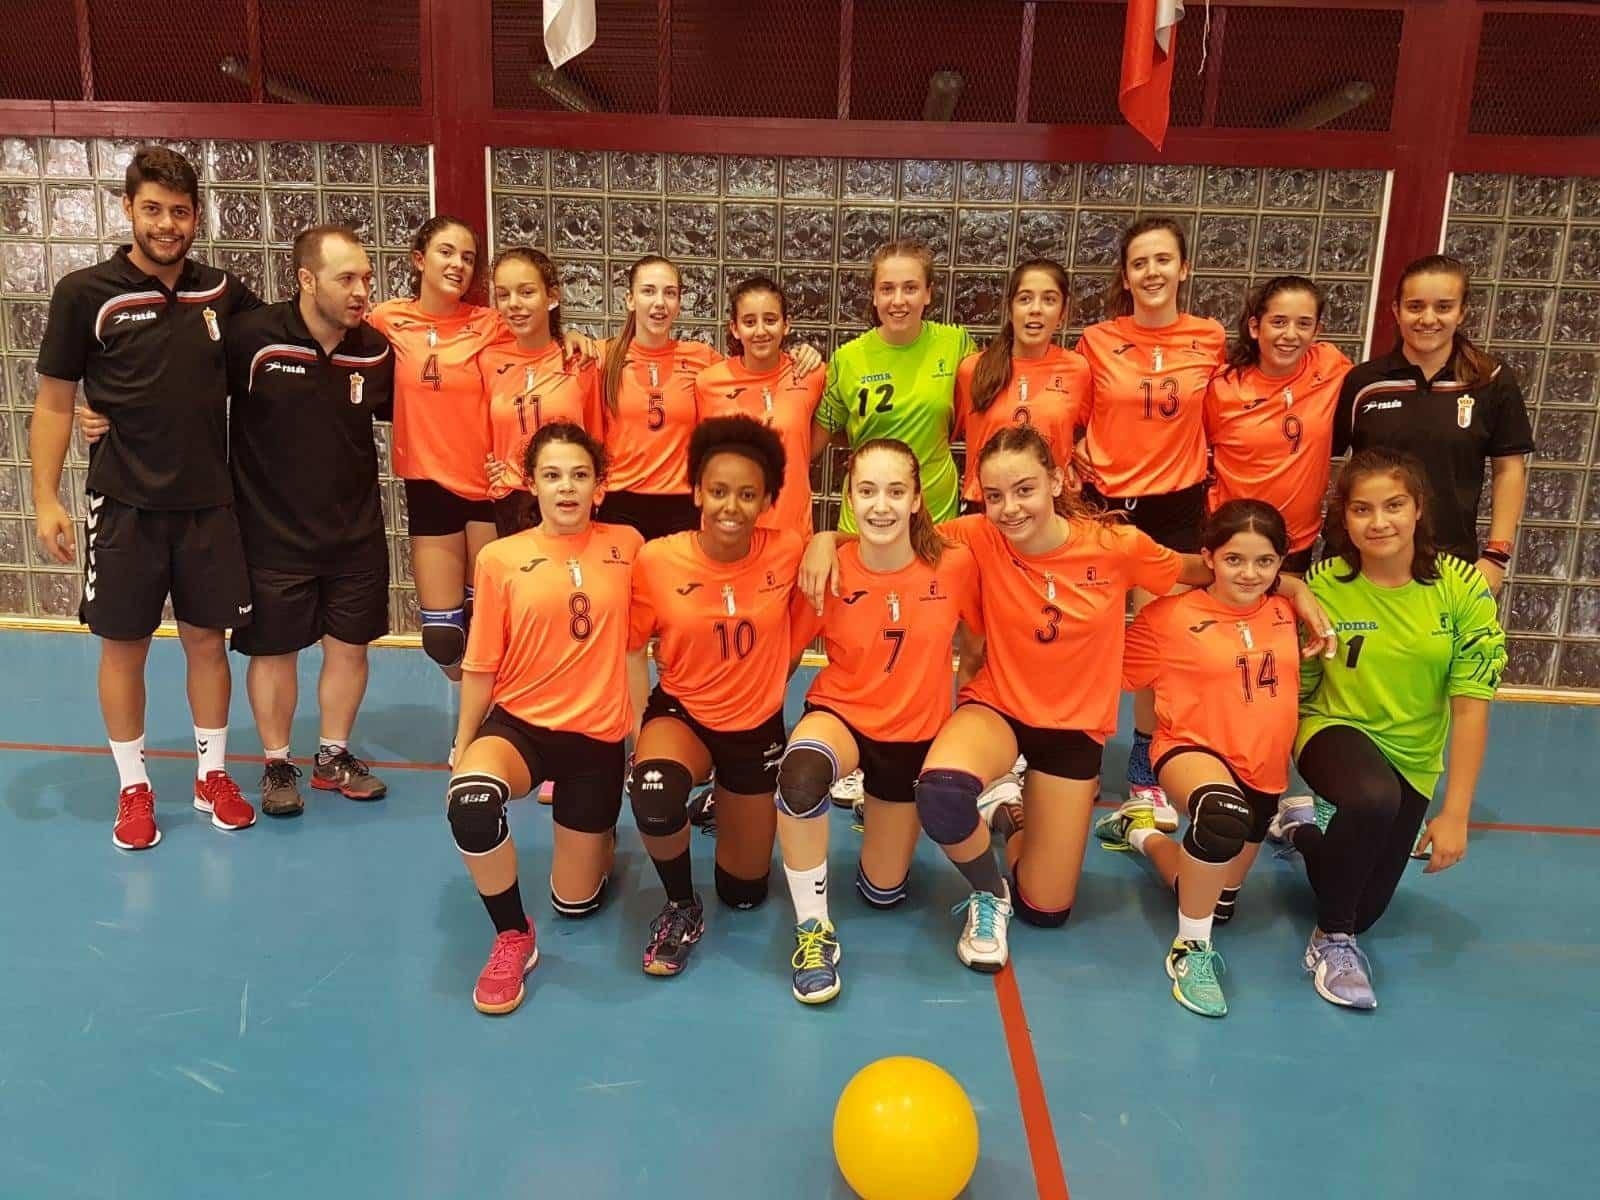 seleccion balonmano castilla la mancha - Herencianas campeonas con la selección en el Torneo de Balonmano de Cangas de Narcea